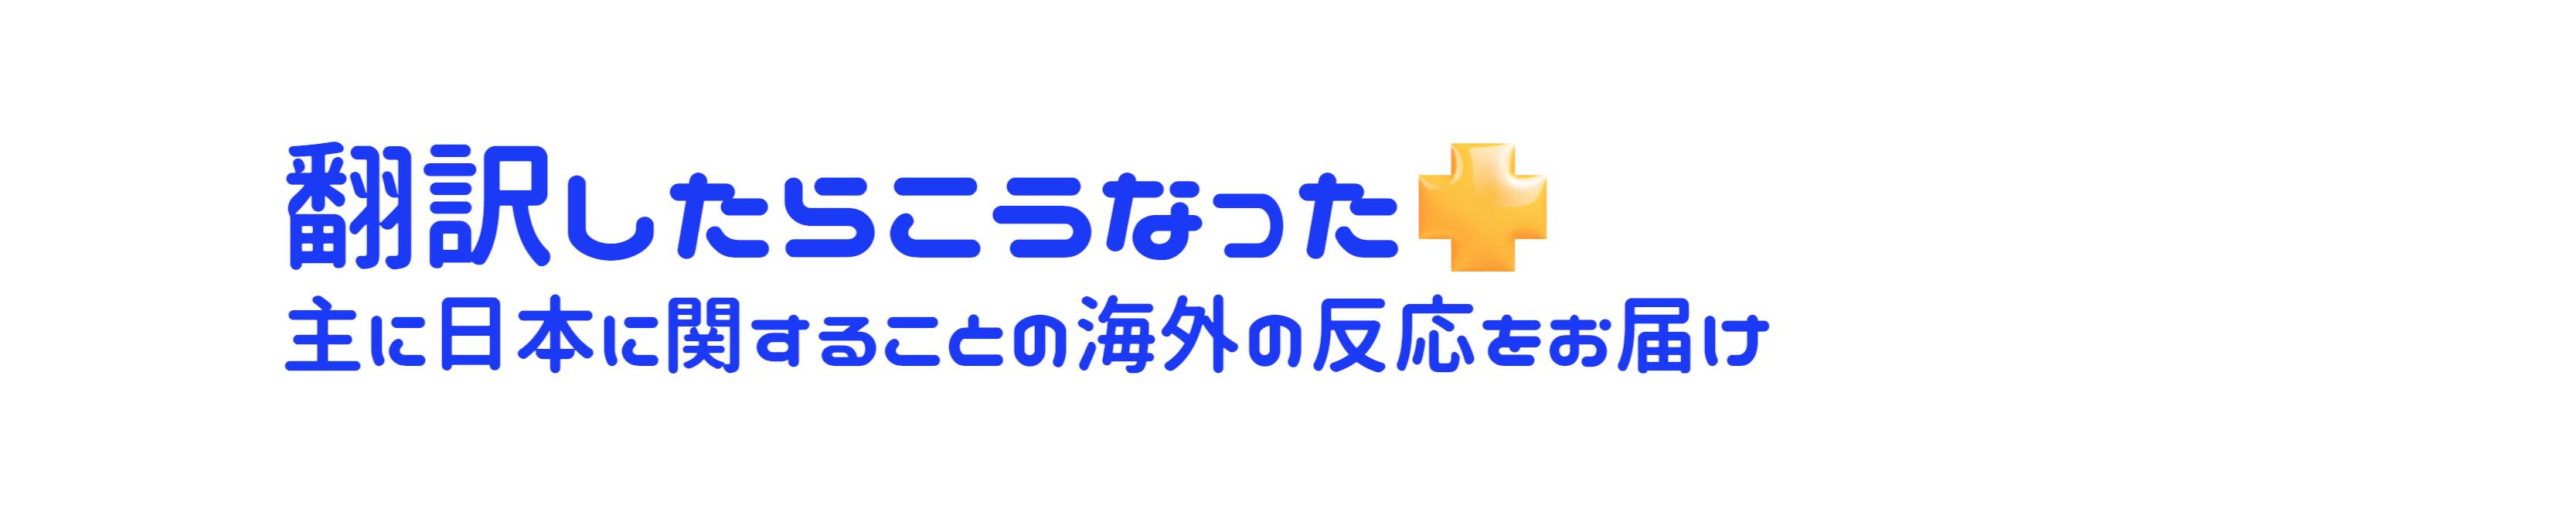 ブログ 翻訳 の 韓国 反応